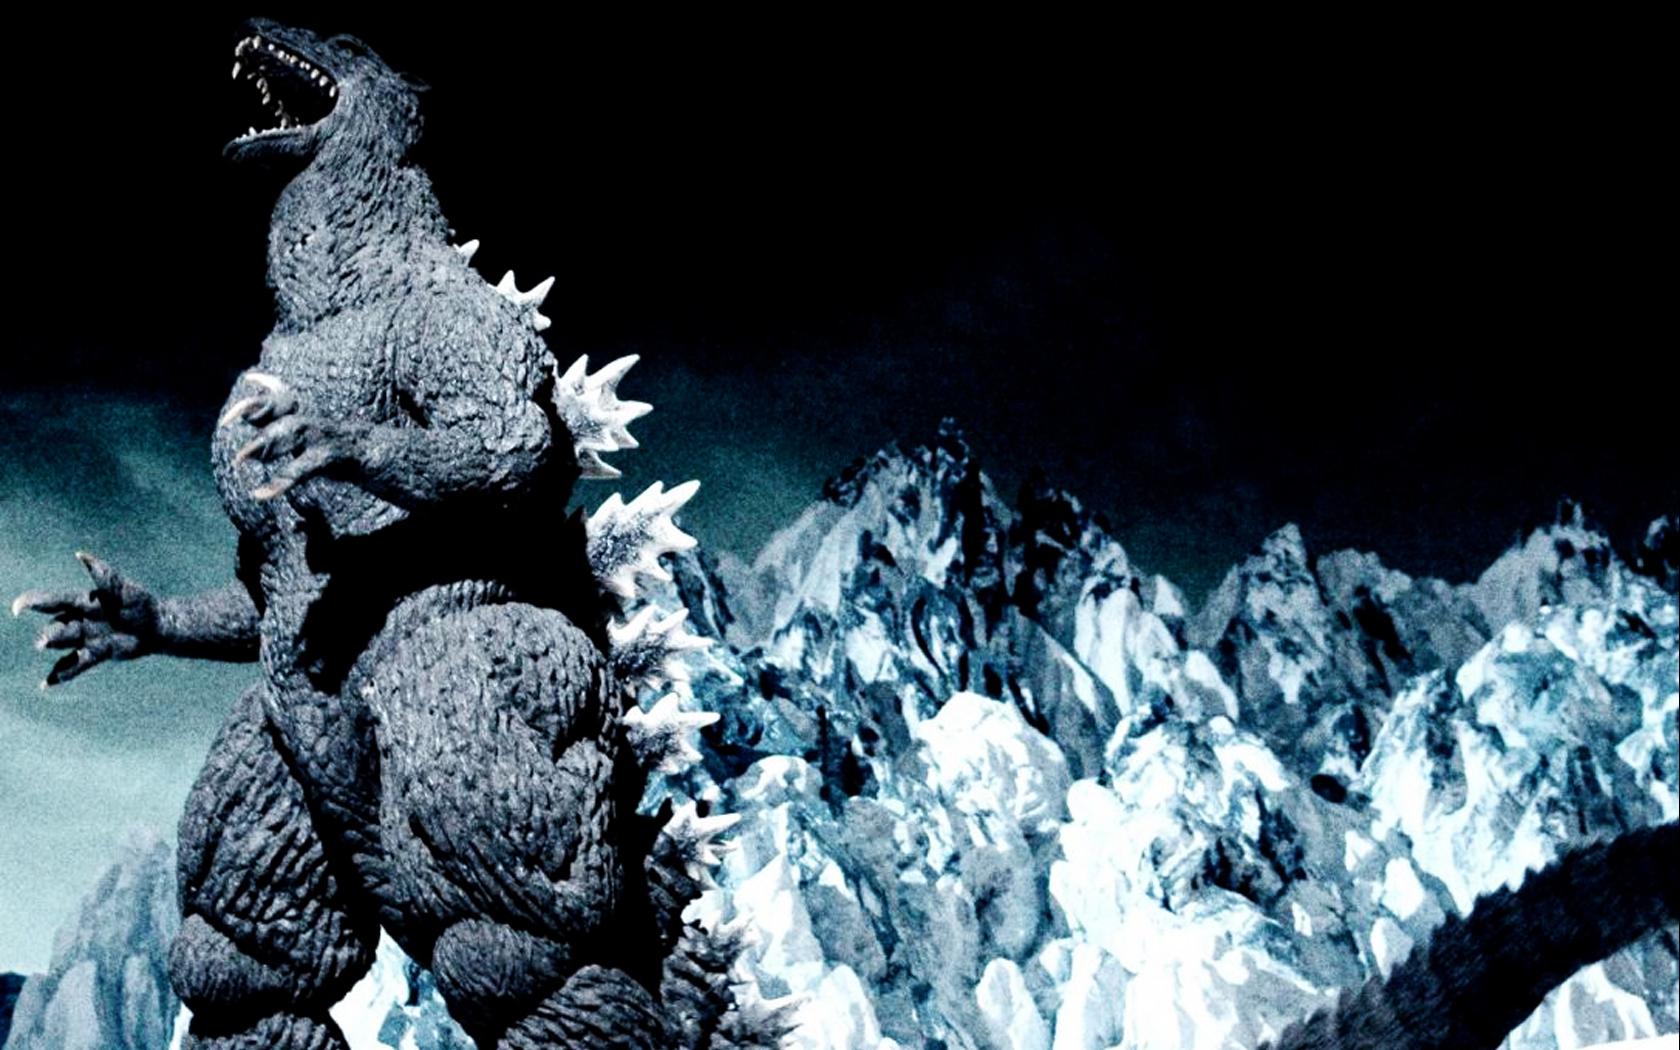 Godzilla Wallpaper   download godzilla wallpaper 12   Anglerzcom 1680x1050